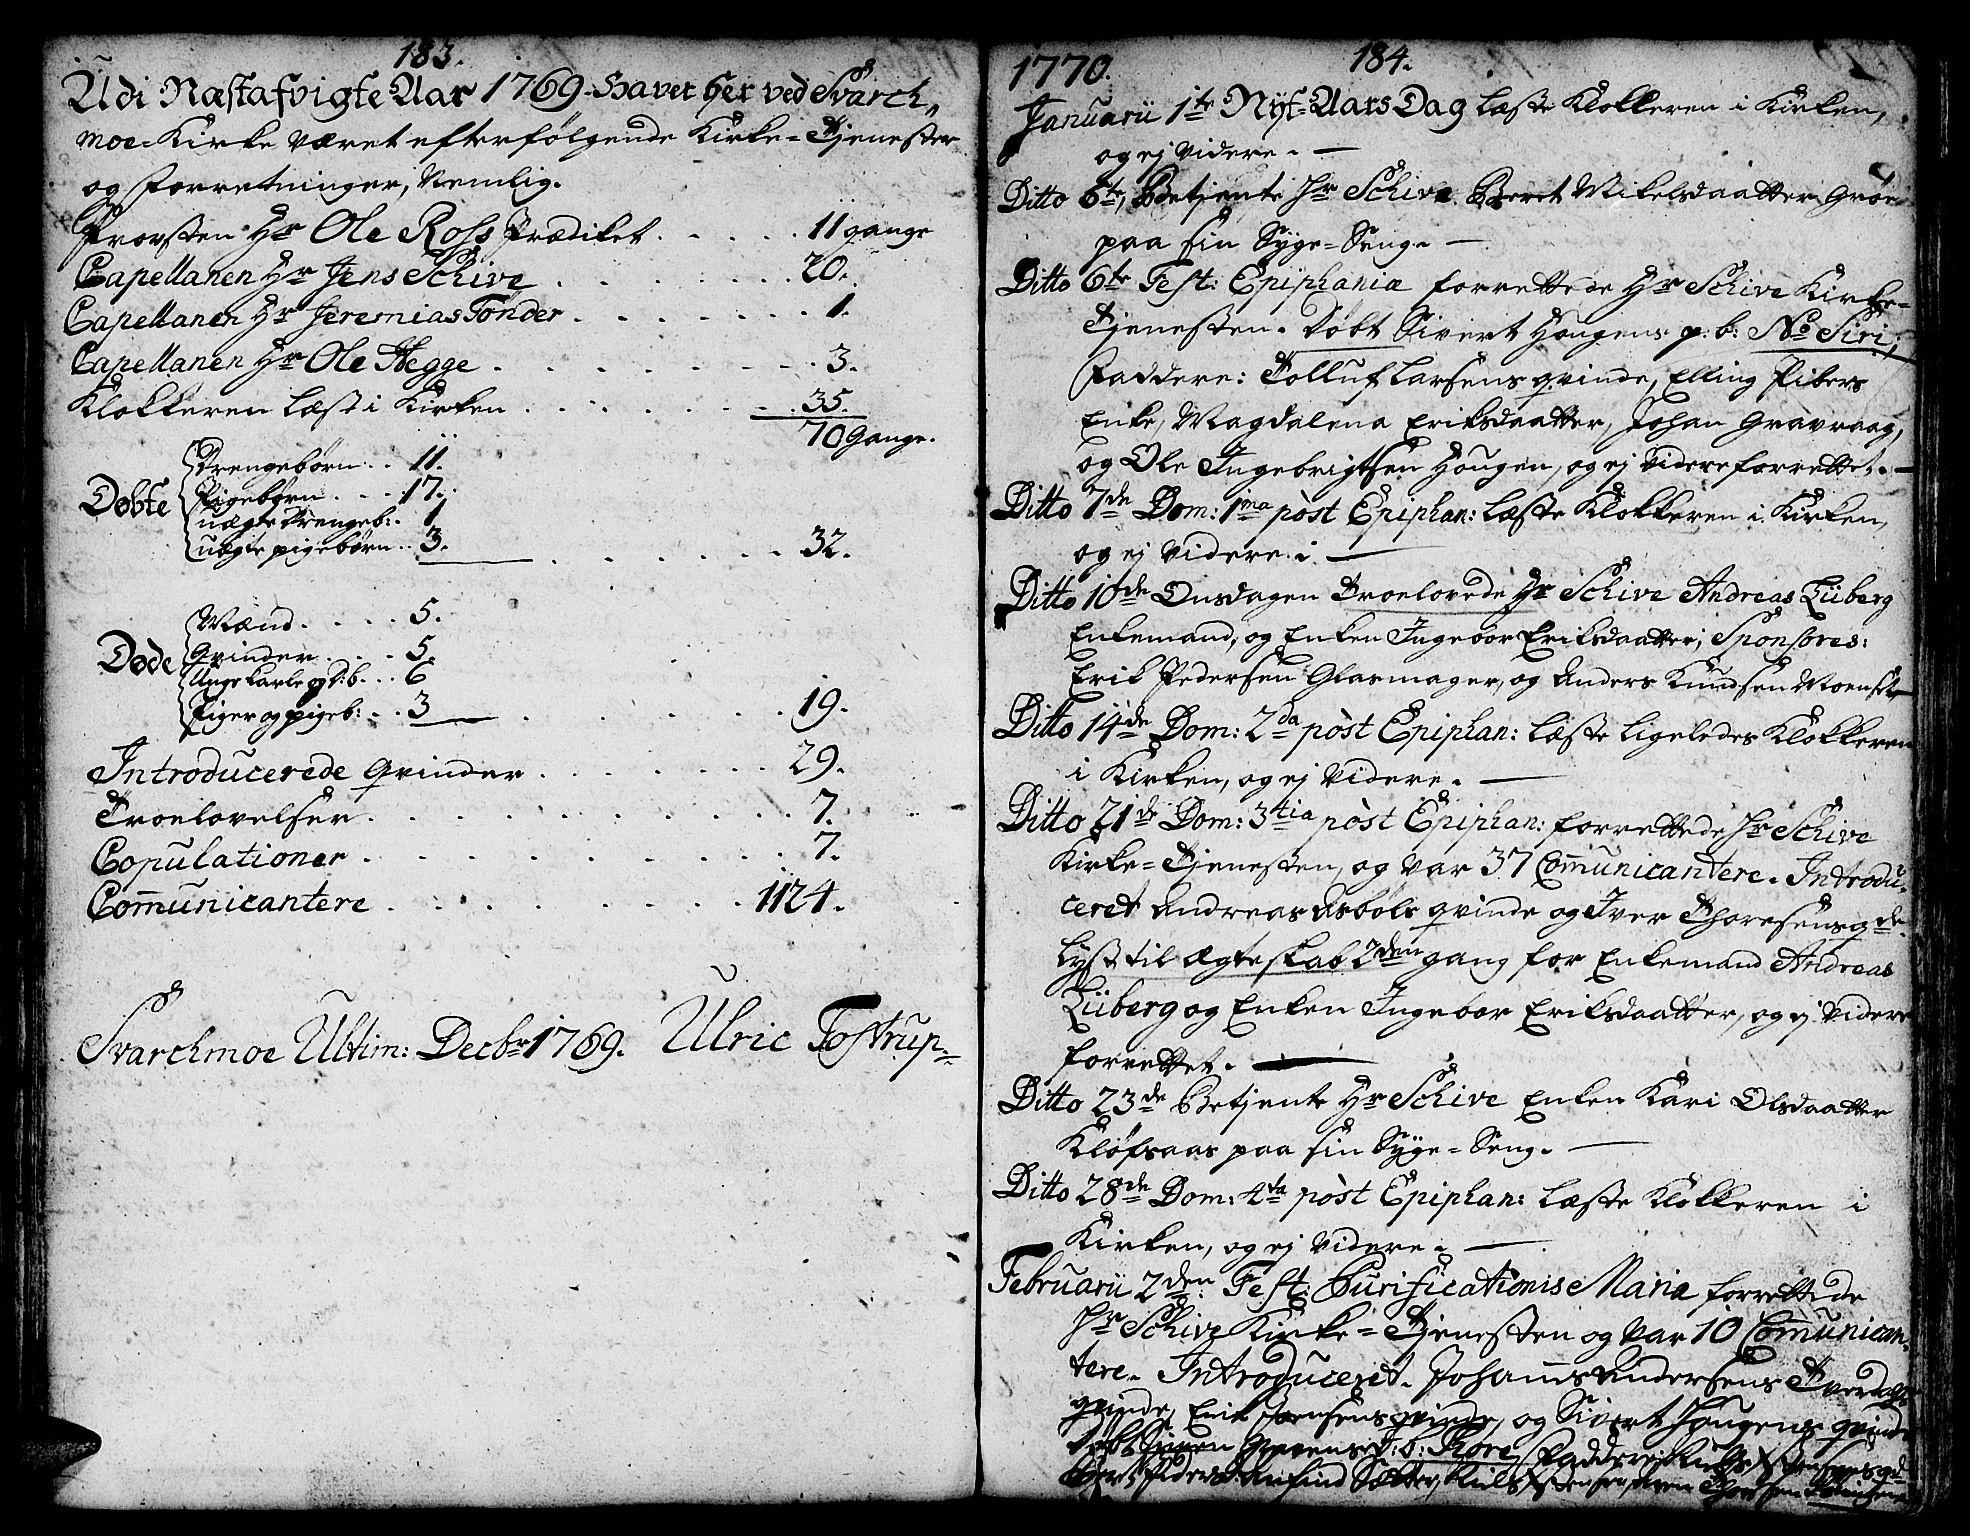 SAT, Ministerialprotokoller, klokkerbøker og fødselsregistre - Sør-Trøndelag, 671/L0840: Ministerialbok nr. 671A02, 1756-1794, s. 183-184